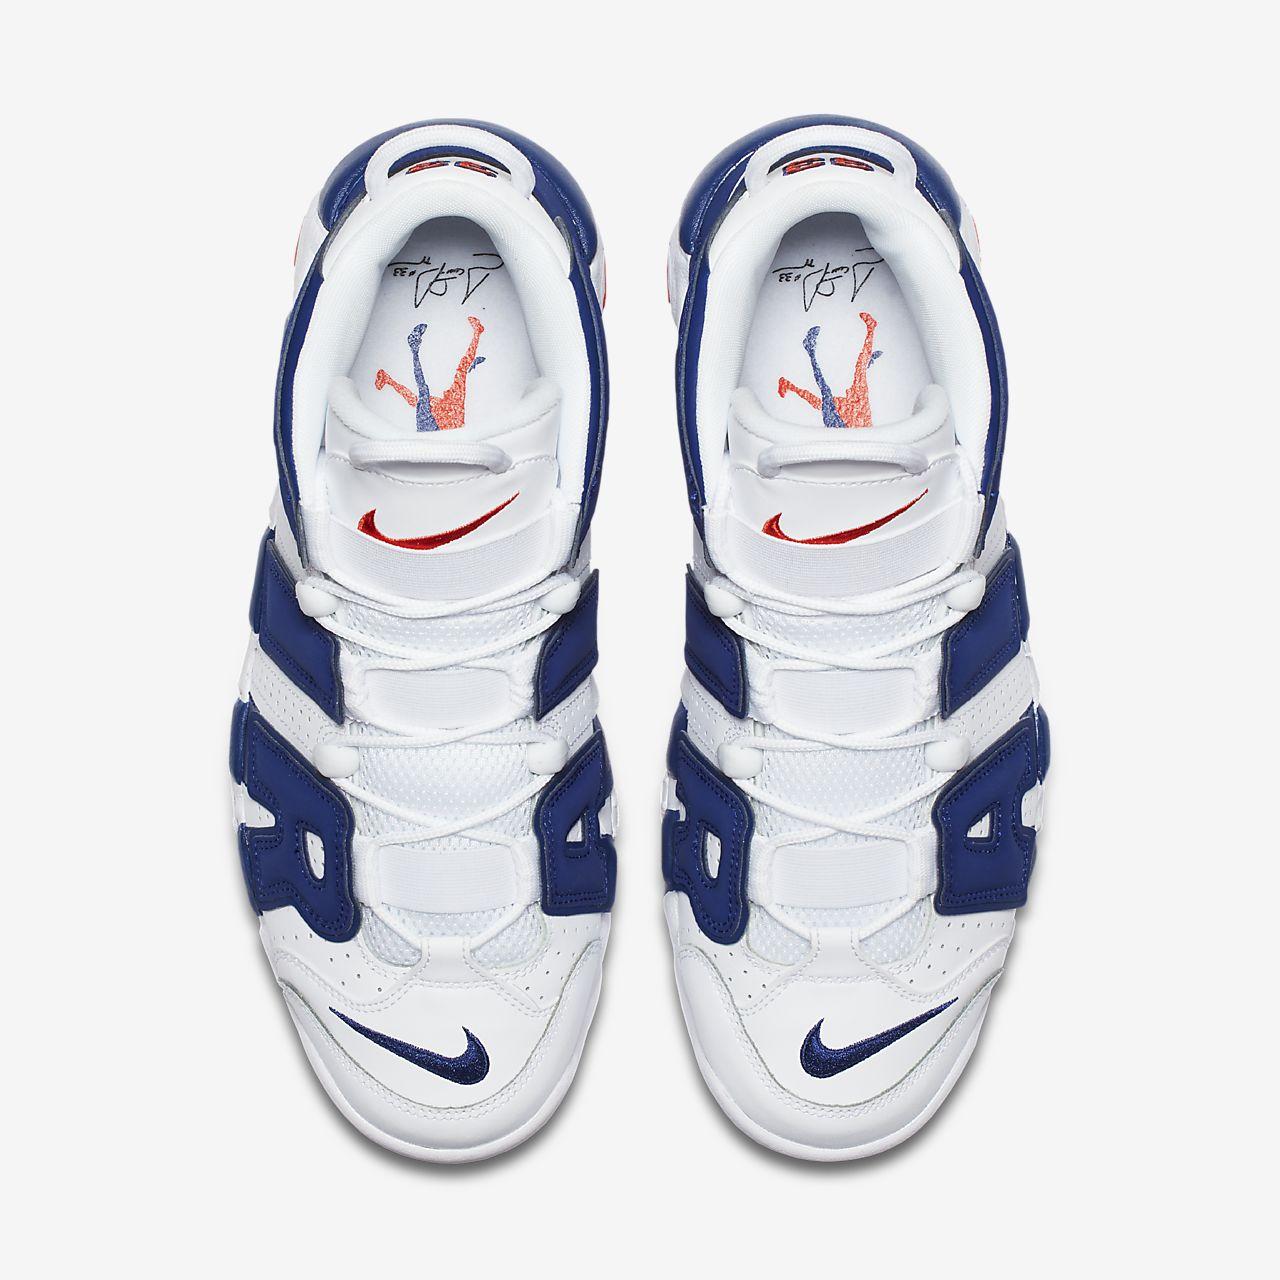 sale retailer 1162e aa8bb ... Nike Air More Uptempo  96 Men s Shoe